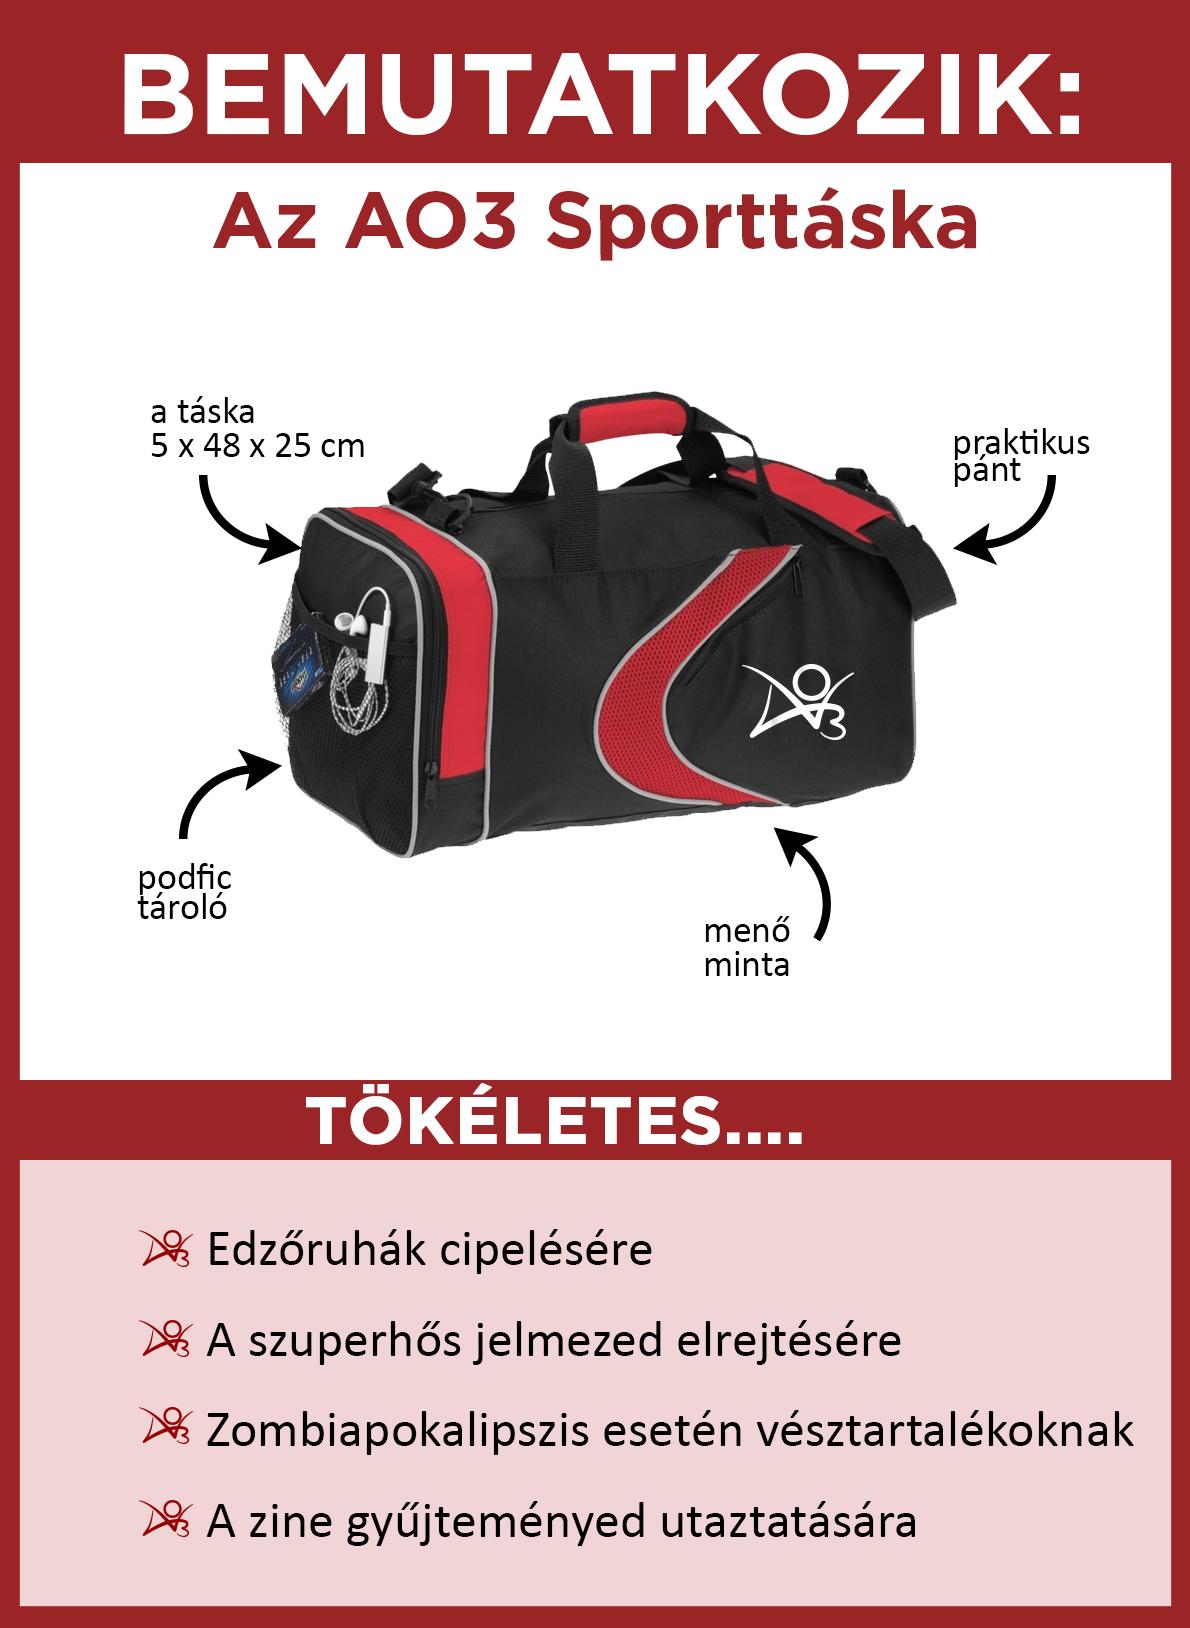 Bemutatjuk az AO3 Sporttáskát. A táska fekete piros színezettel, egy piros mintával és egy fehér AO3 logóval az oldalán. 25 x 48 x 25 cm nagy. Kényelmes vállpántja és podficek tárolására ideális hálós oldalzsebe van. Tökéletes edzőruha szállítására, a szuperhős kosztümöd tárolására, zombiapokalipszis esetén a tartalékaidnak és a zine gyűjteményed utaztatására.